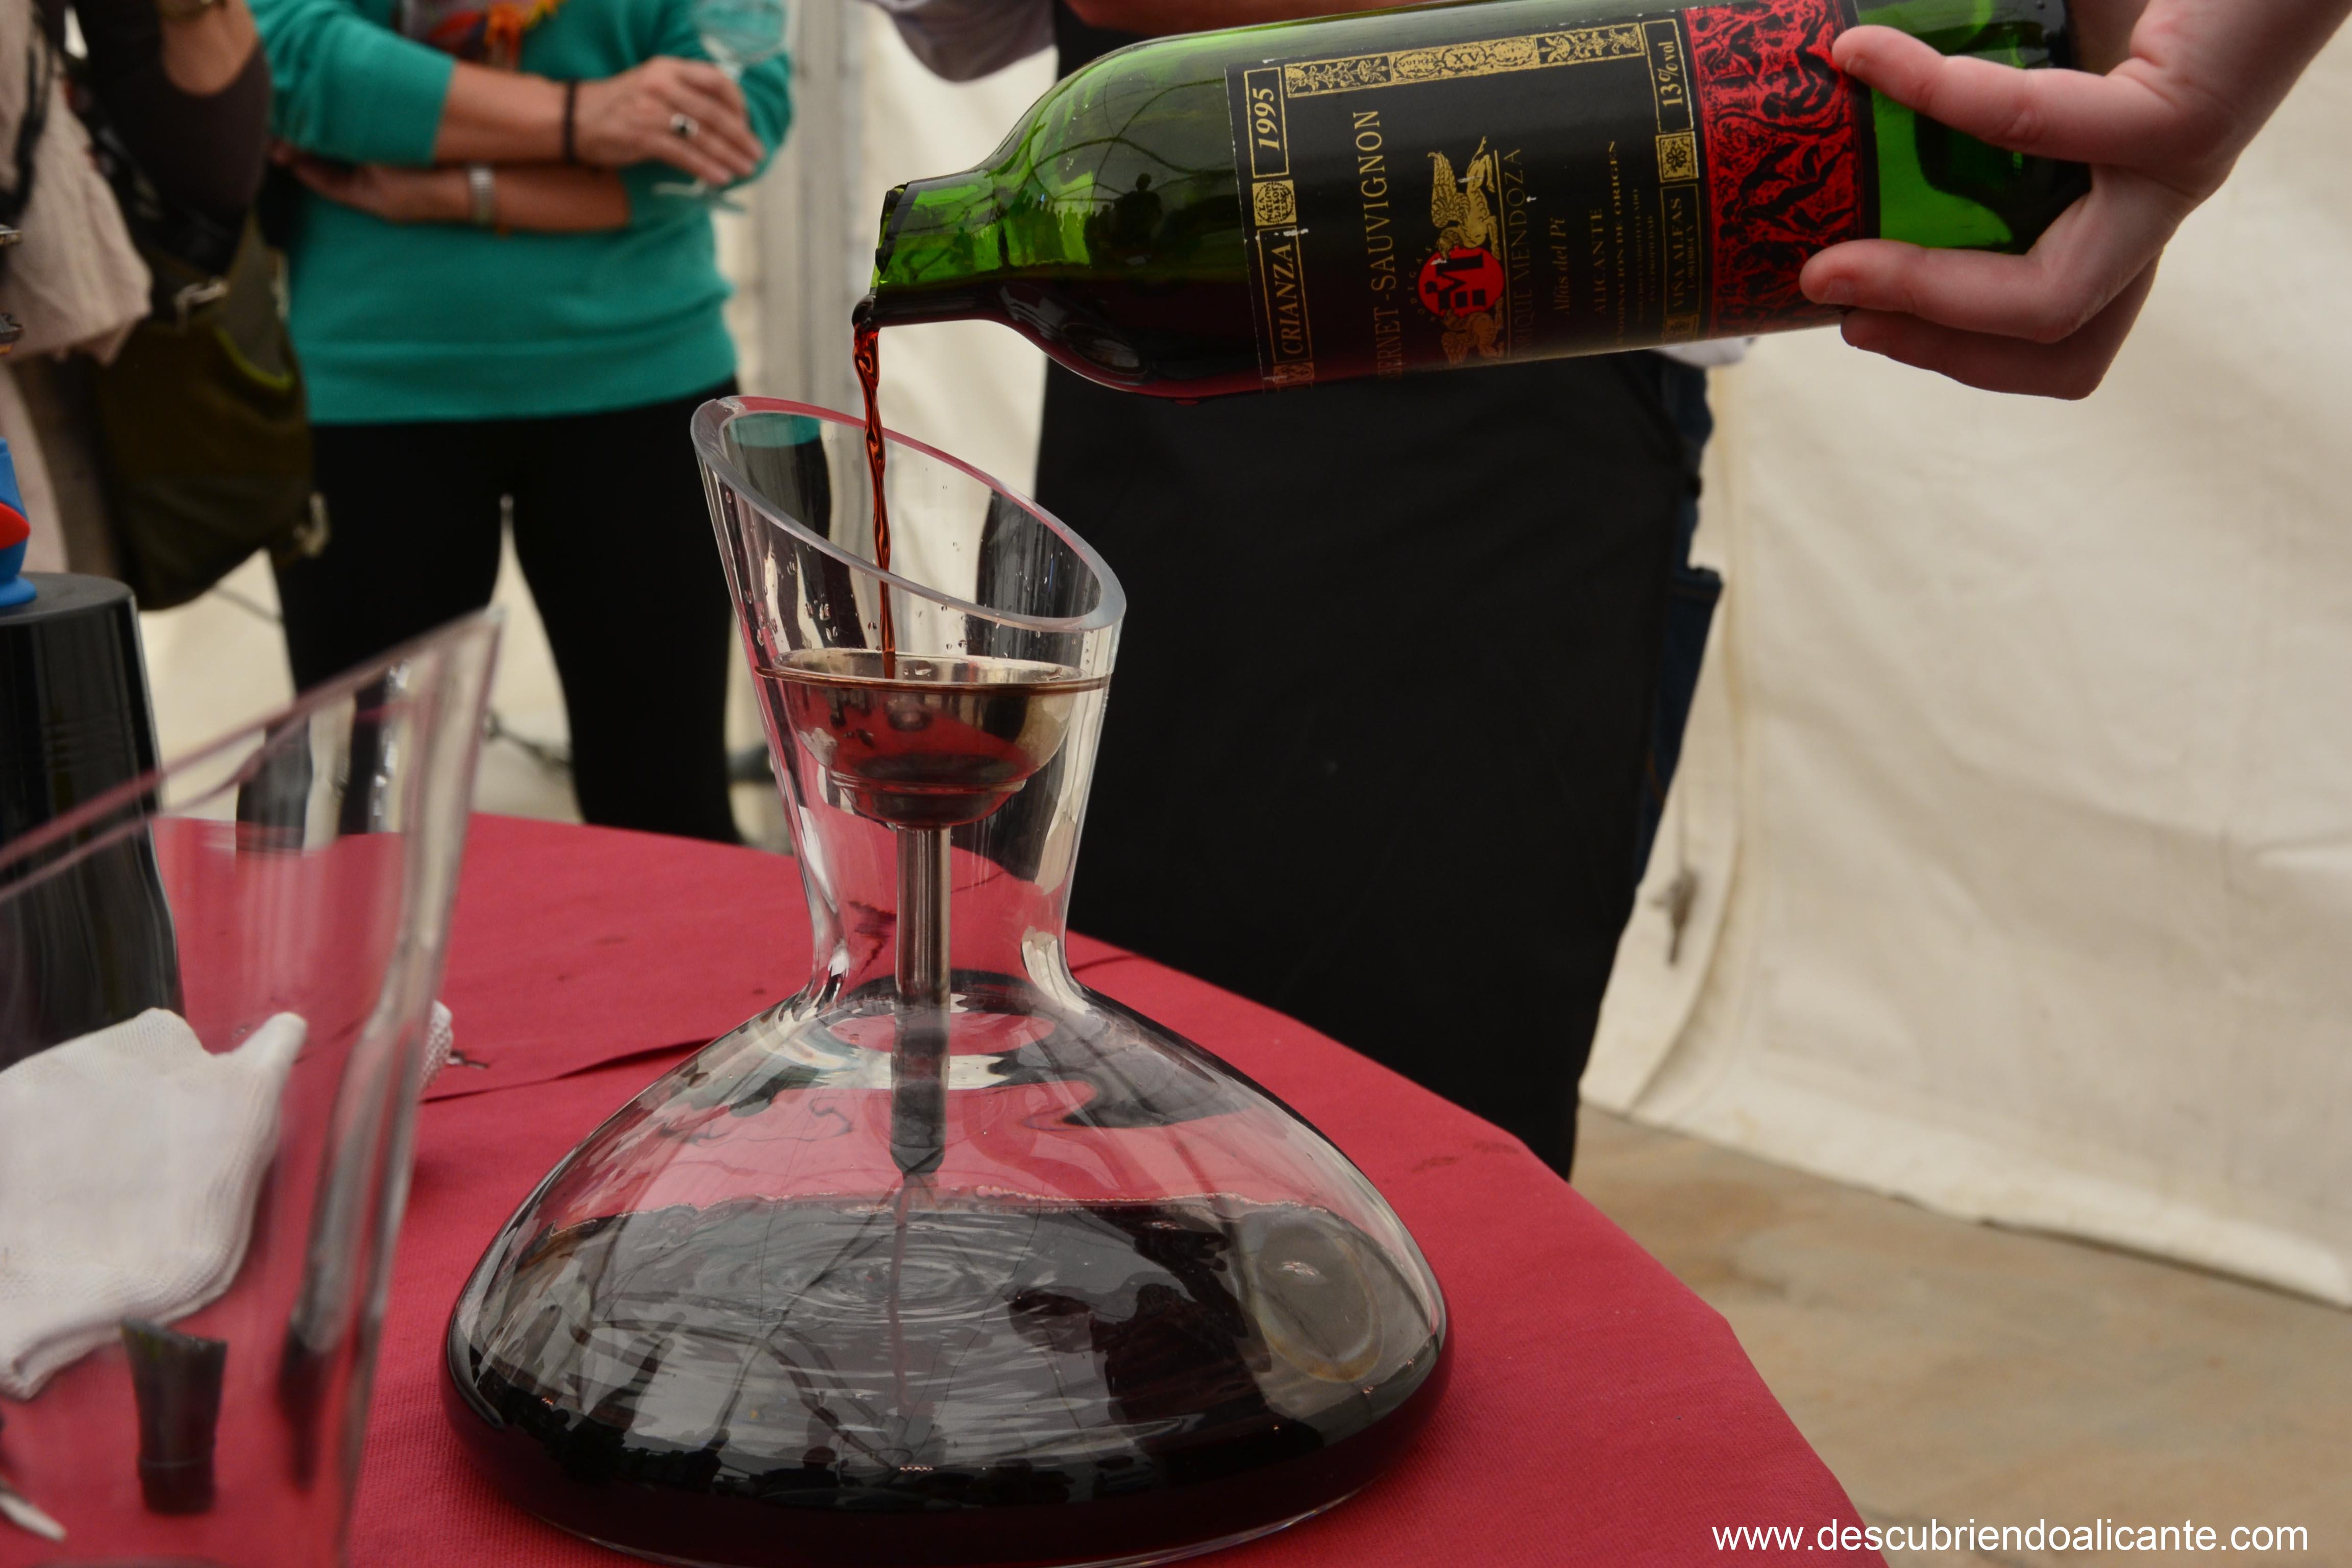 41-enoescapada-mendoza-cata-de-vino